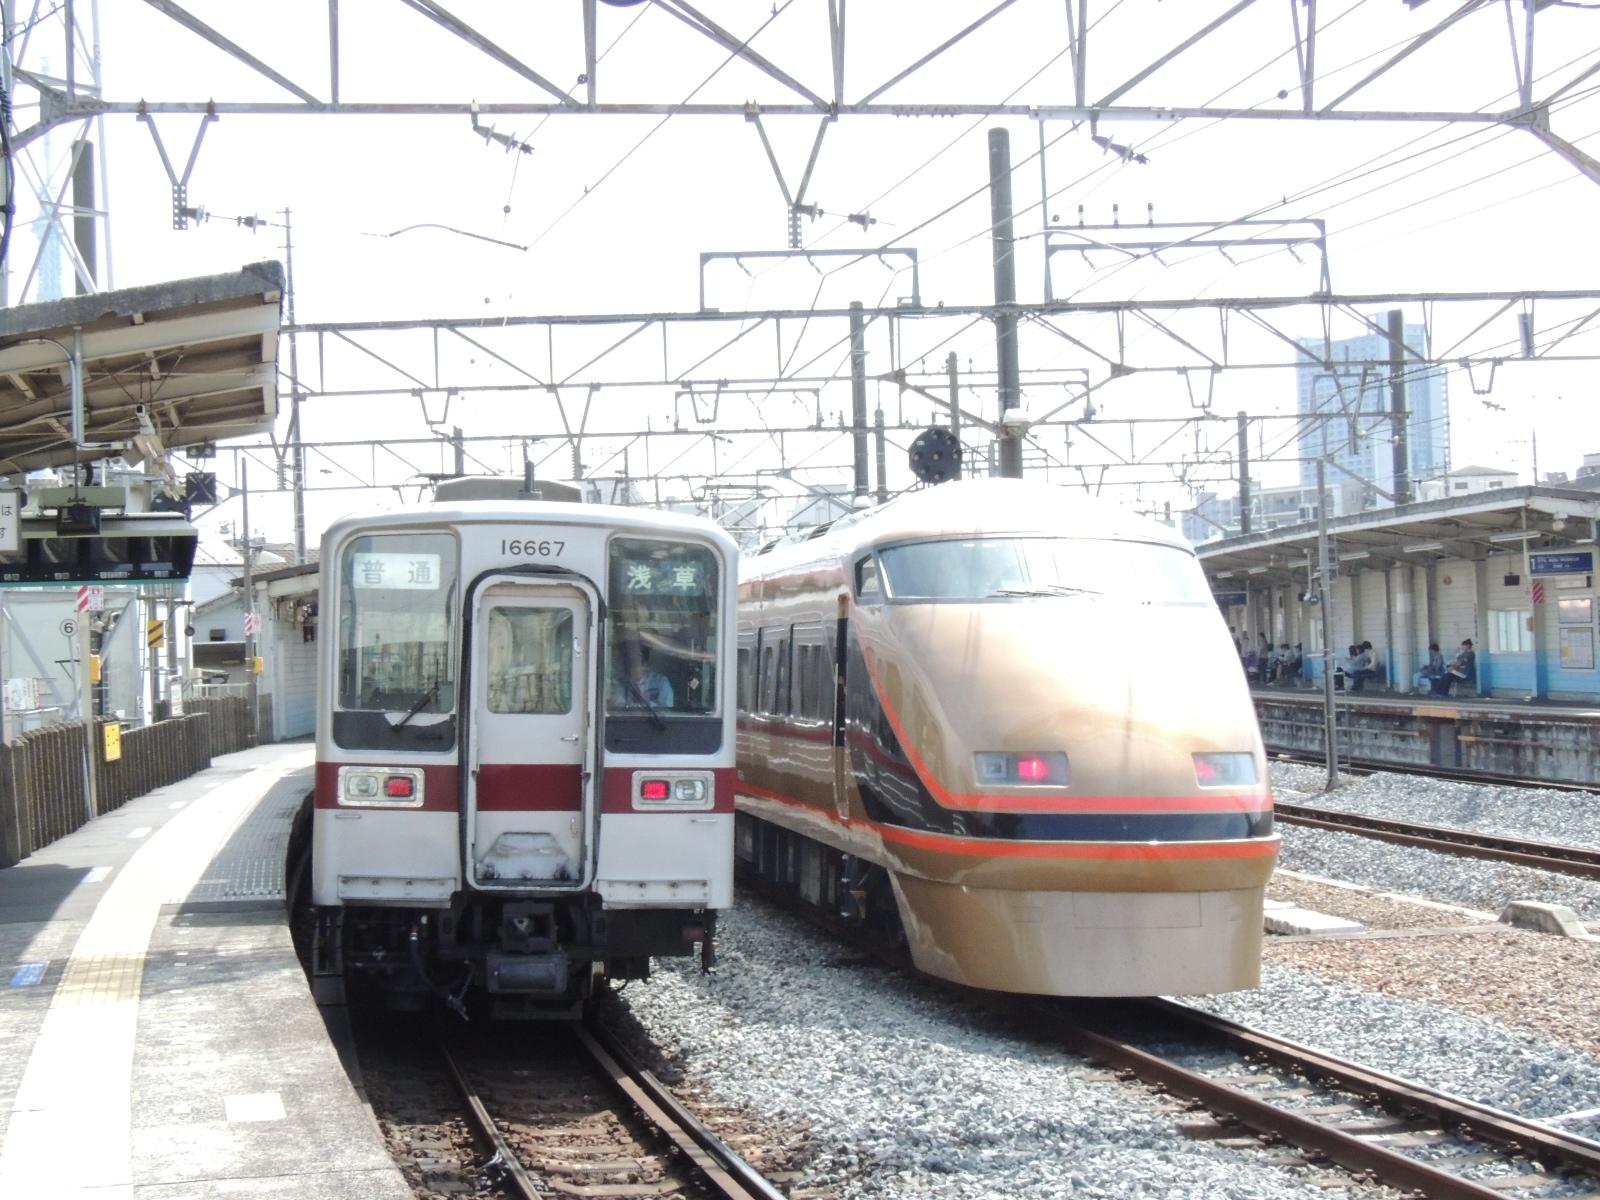 DSCN2652.jpg